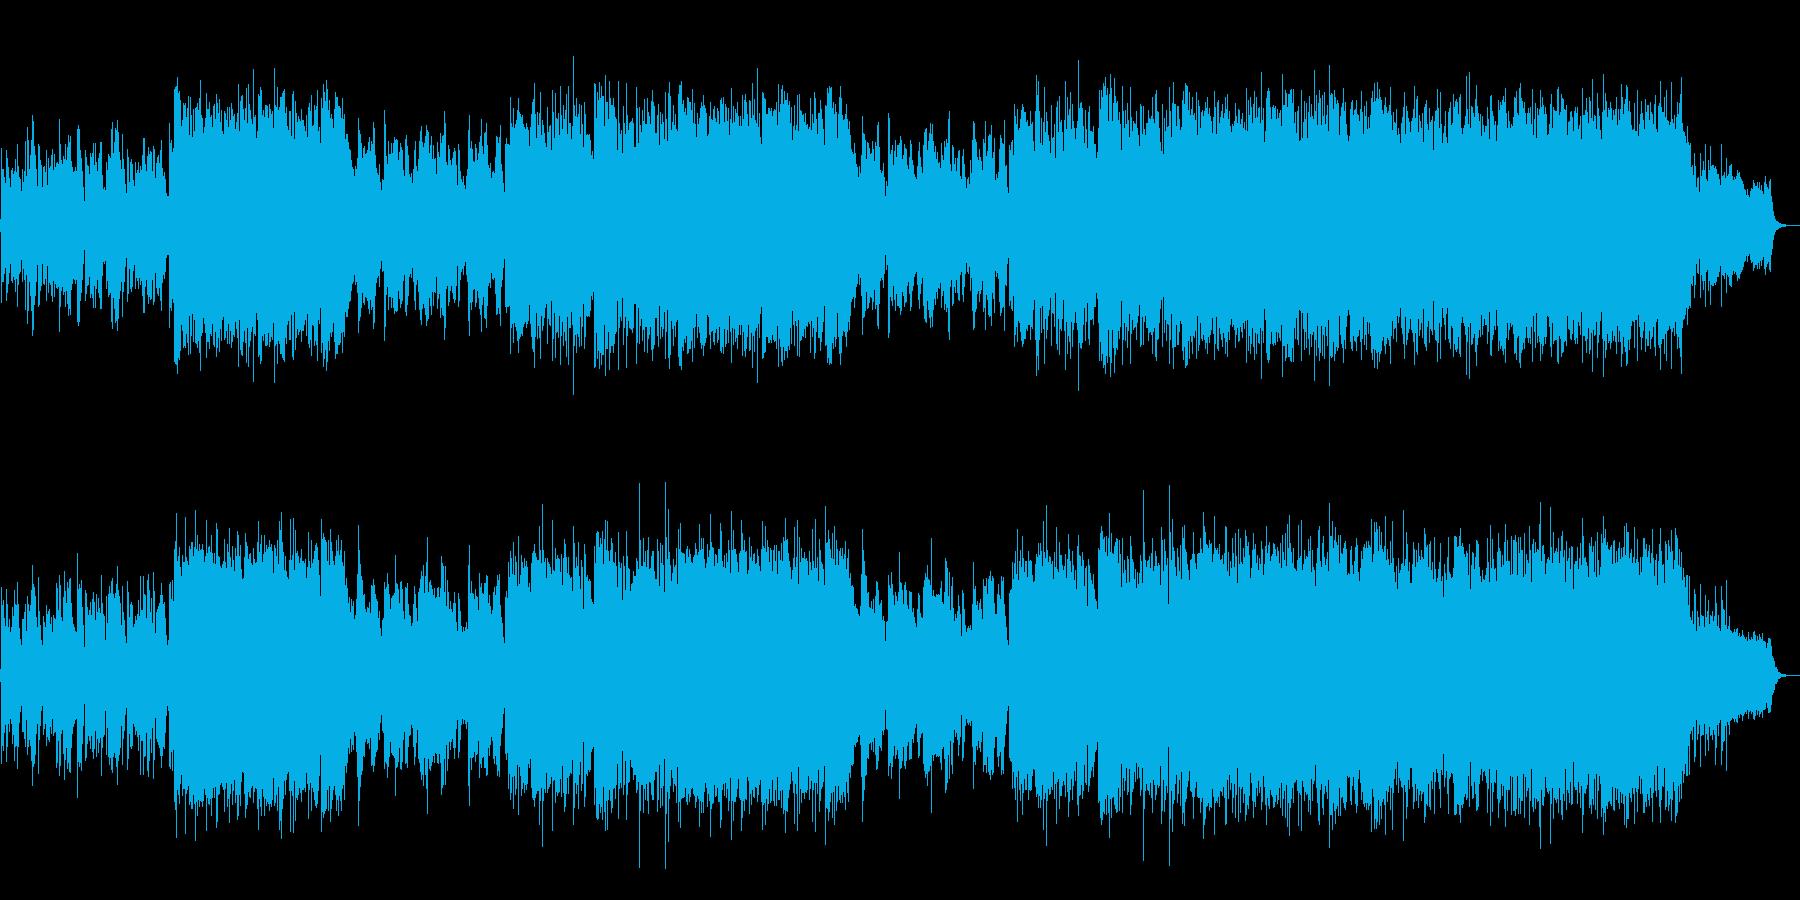 【生演奏】壮大で感動的な和風尺八バラードの再生済みの波形